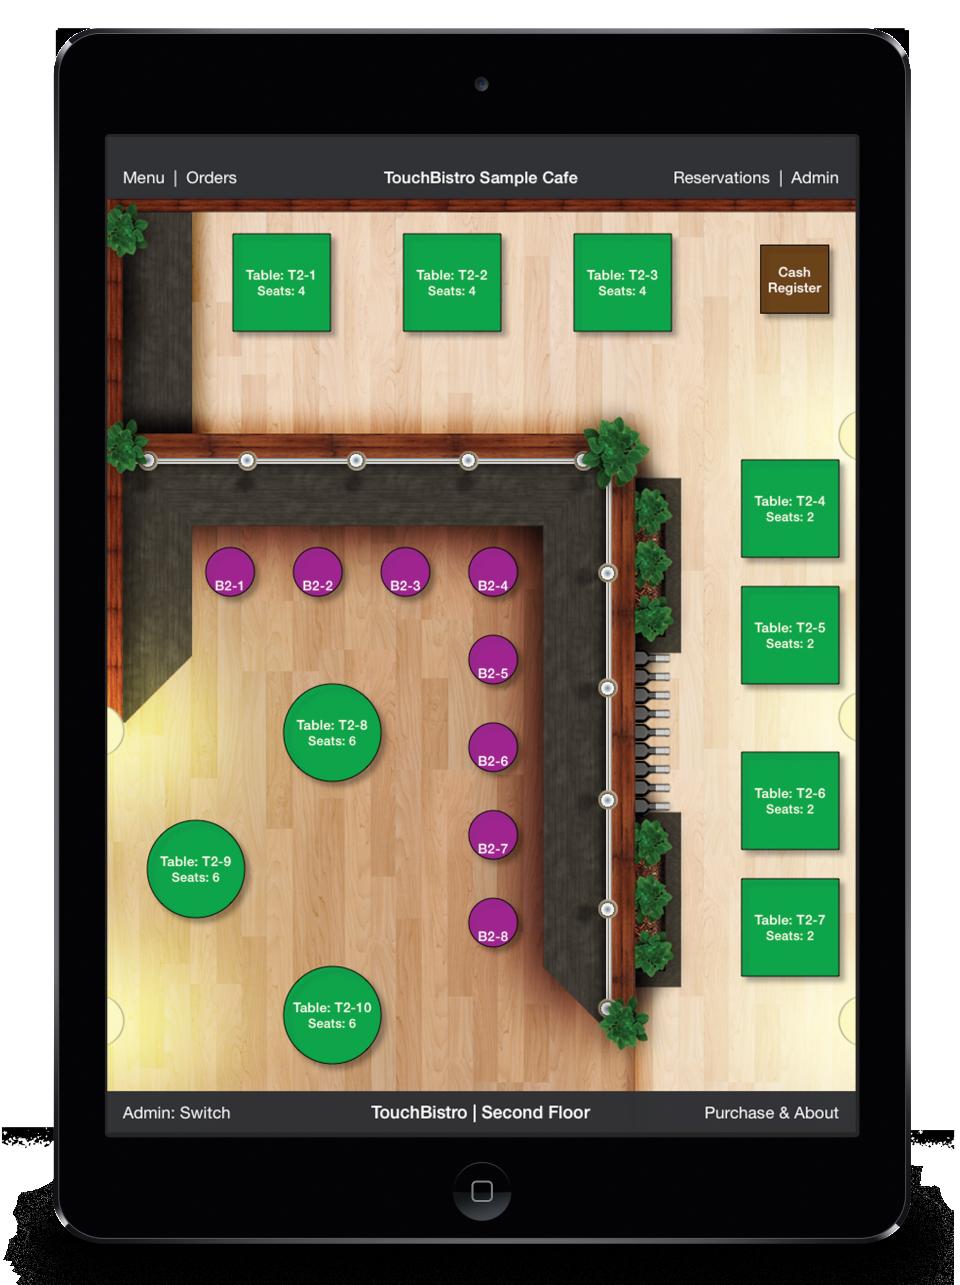 TouchBistro de pantalla-2